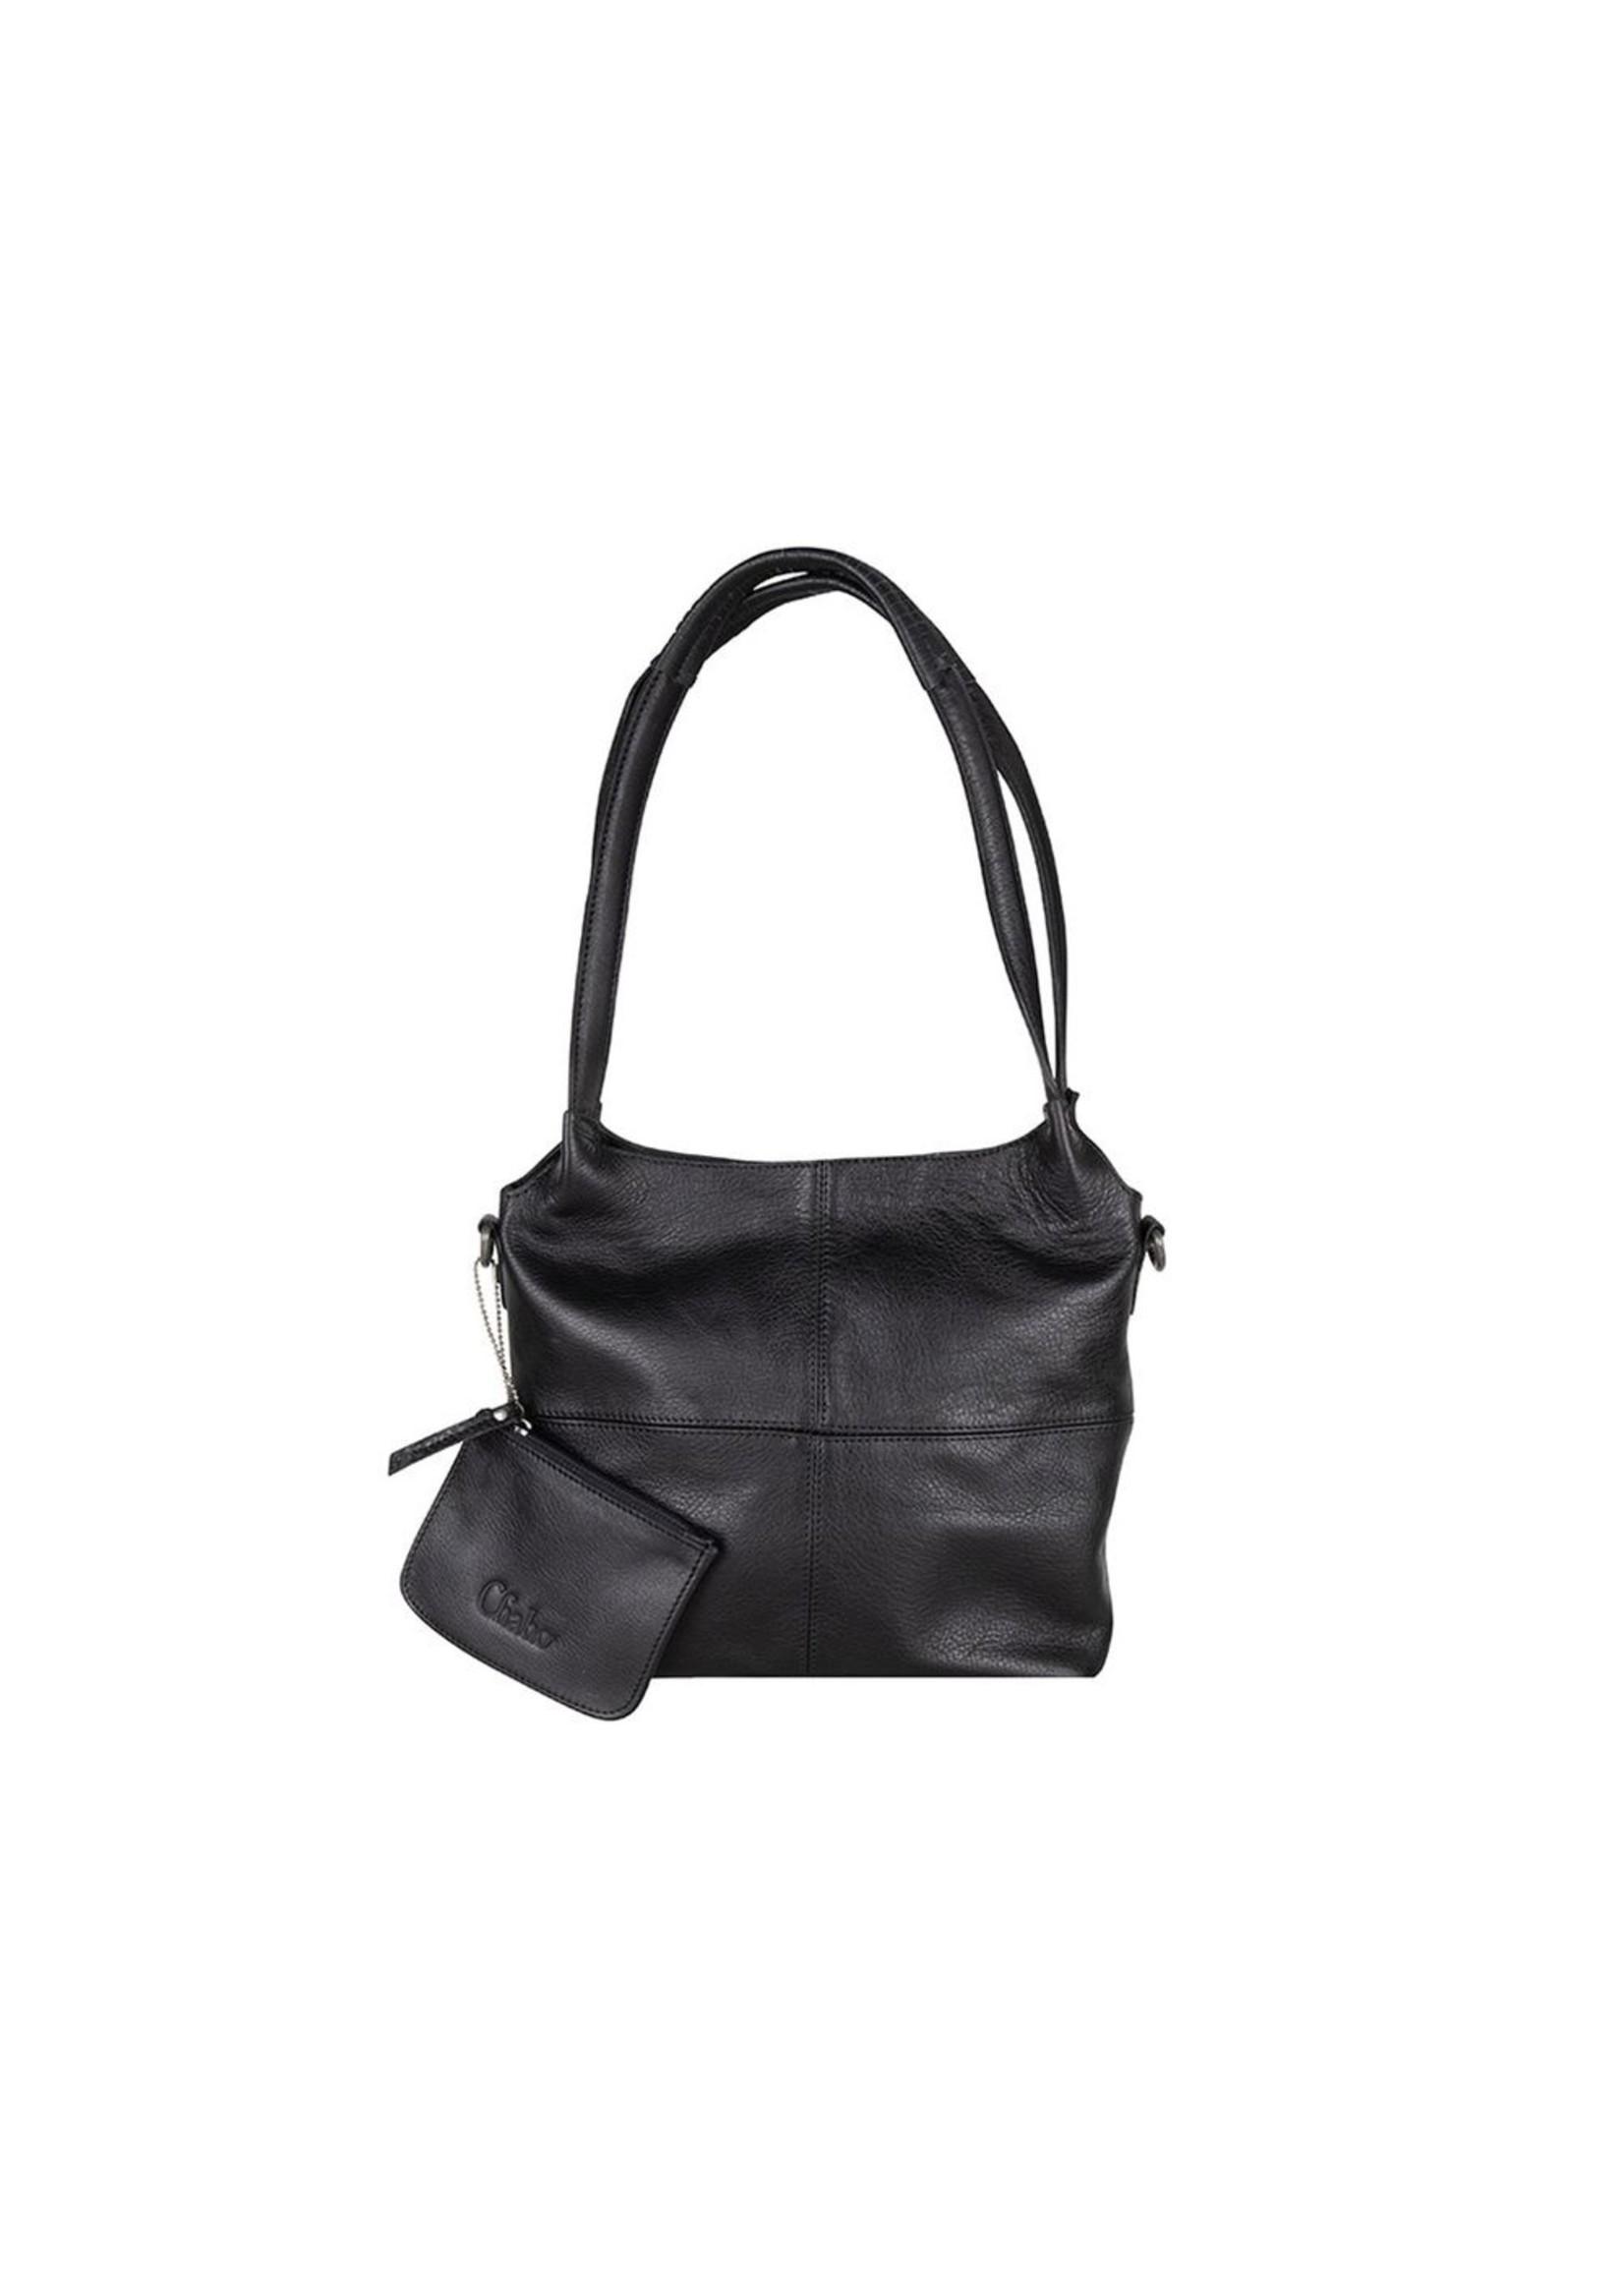 Chabo Bags Street OX Noa Black